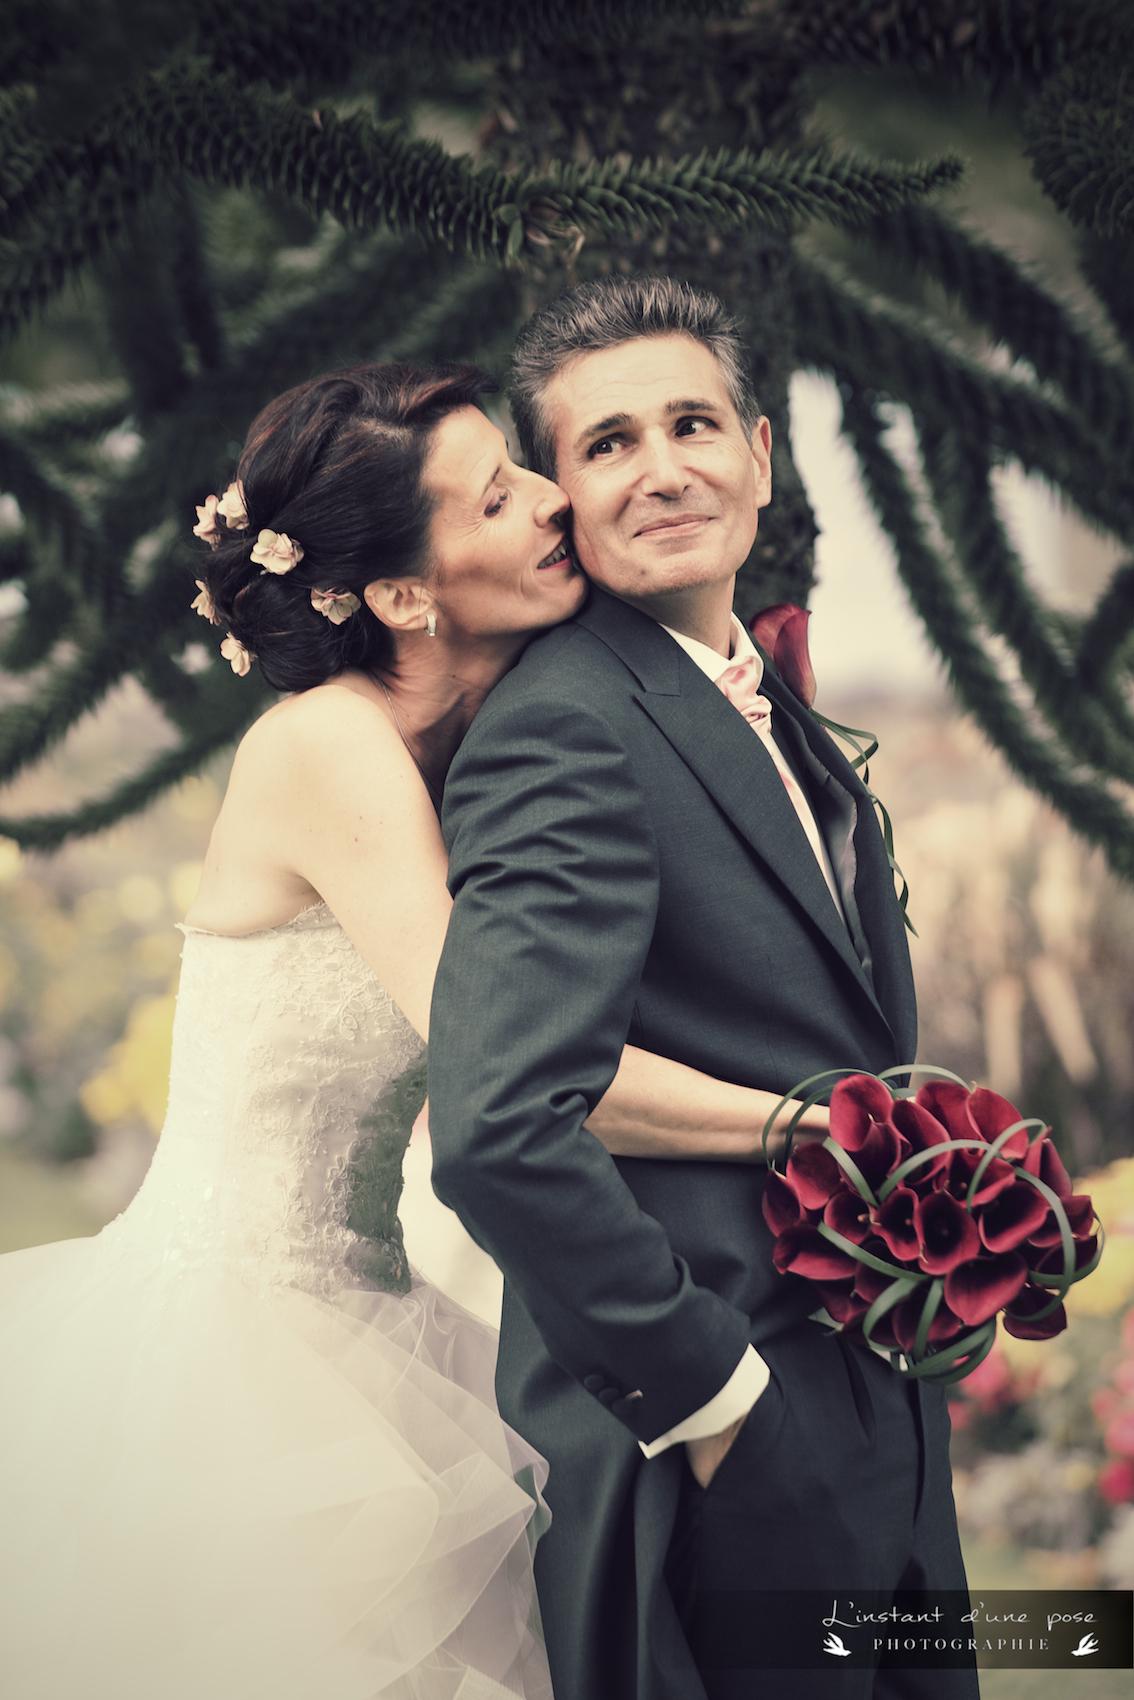 A&N_les mariés 175